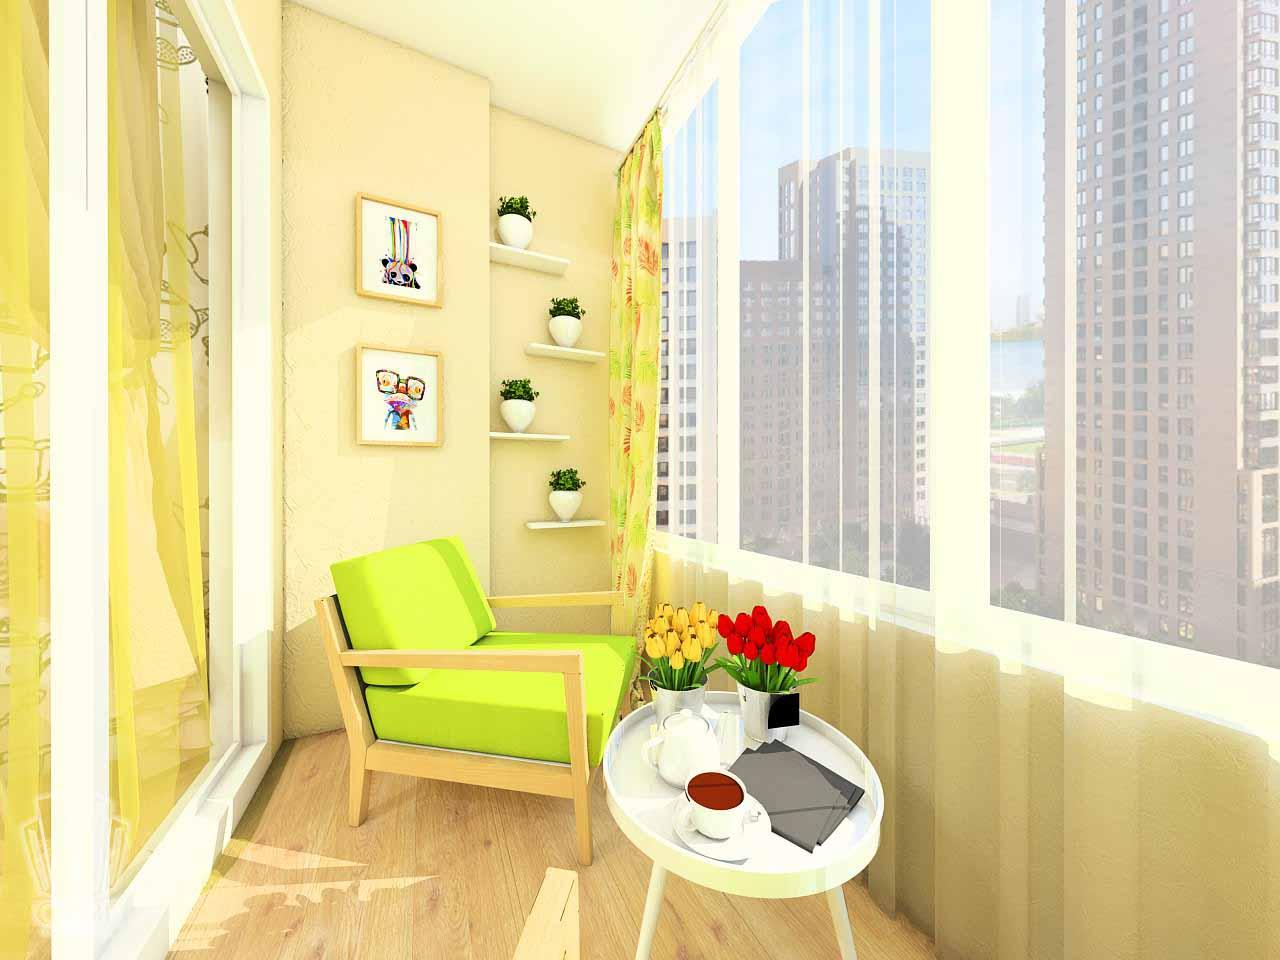 Дизайн интерьера в Тюмени м-н Преображенский Яркая квартира для друзей (7)